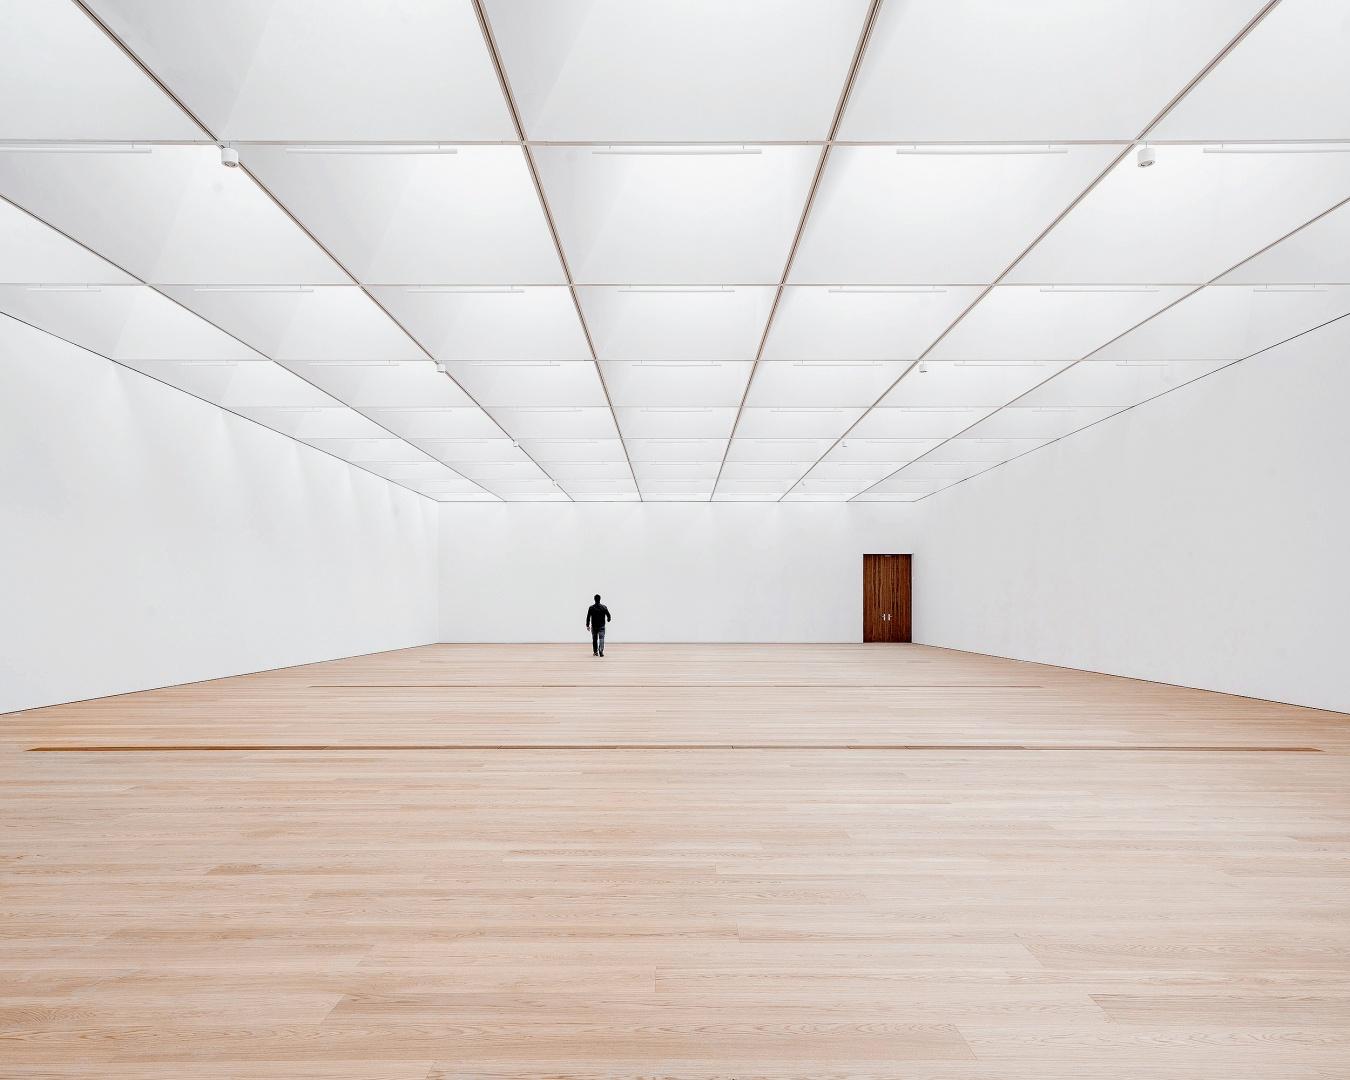 Les volumes des espaces muséaux sont modulables selon les besoins. © Matthieu Gafsou